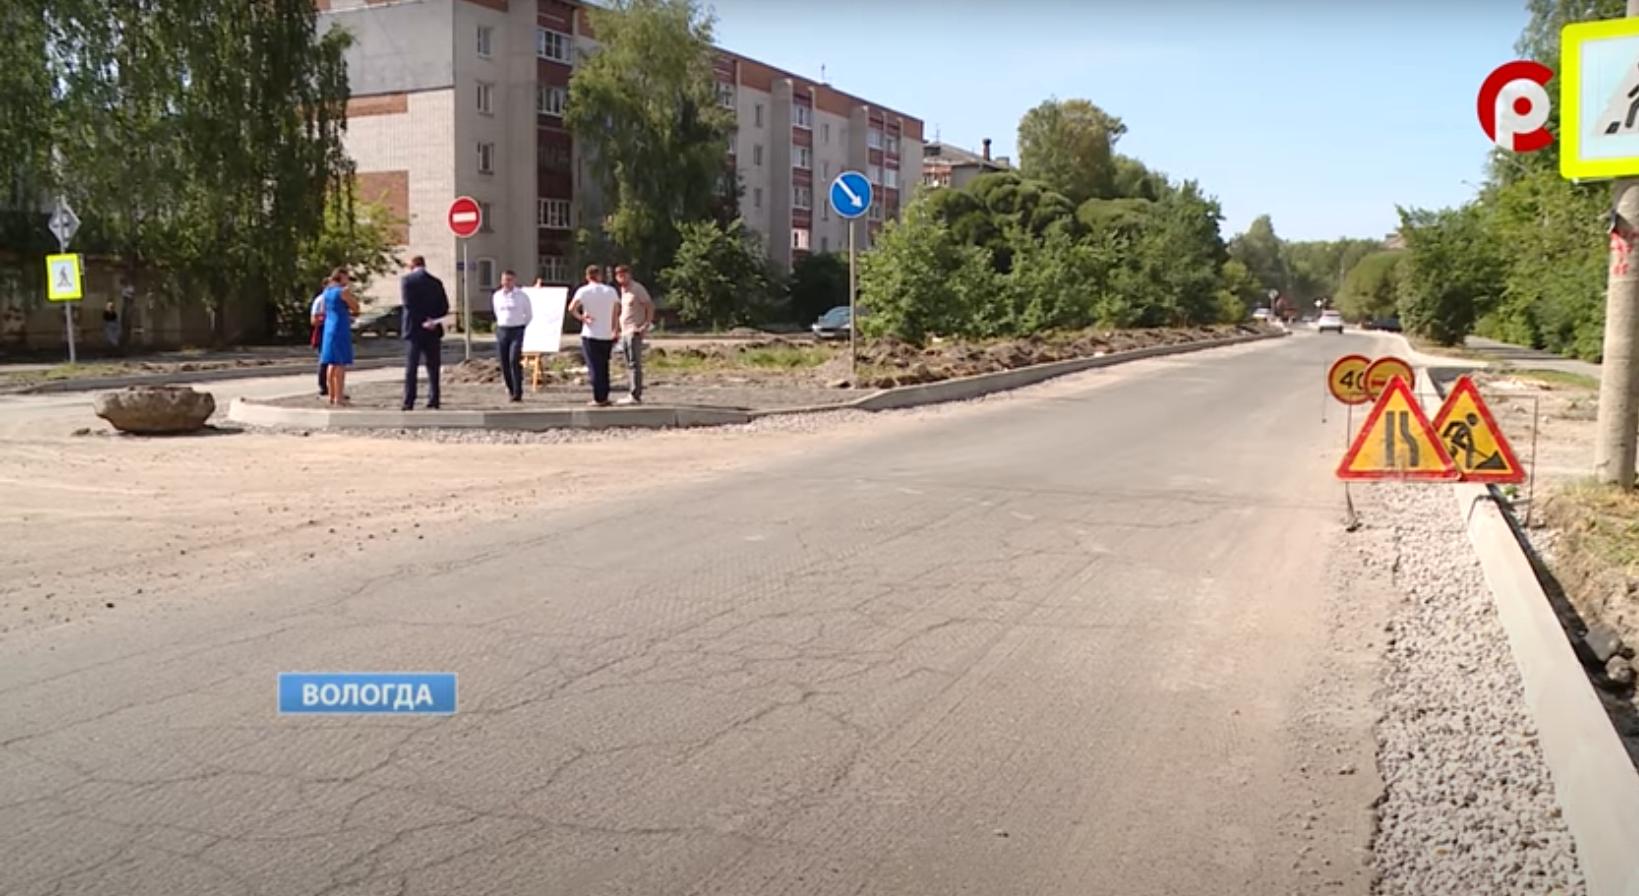 Ремонт на улице Некрасова - первый за многие годы